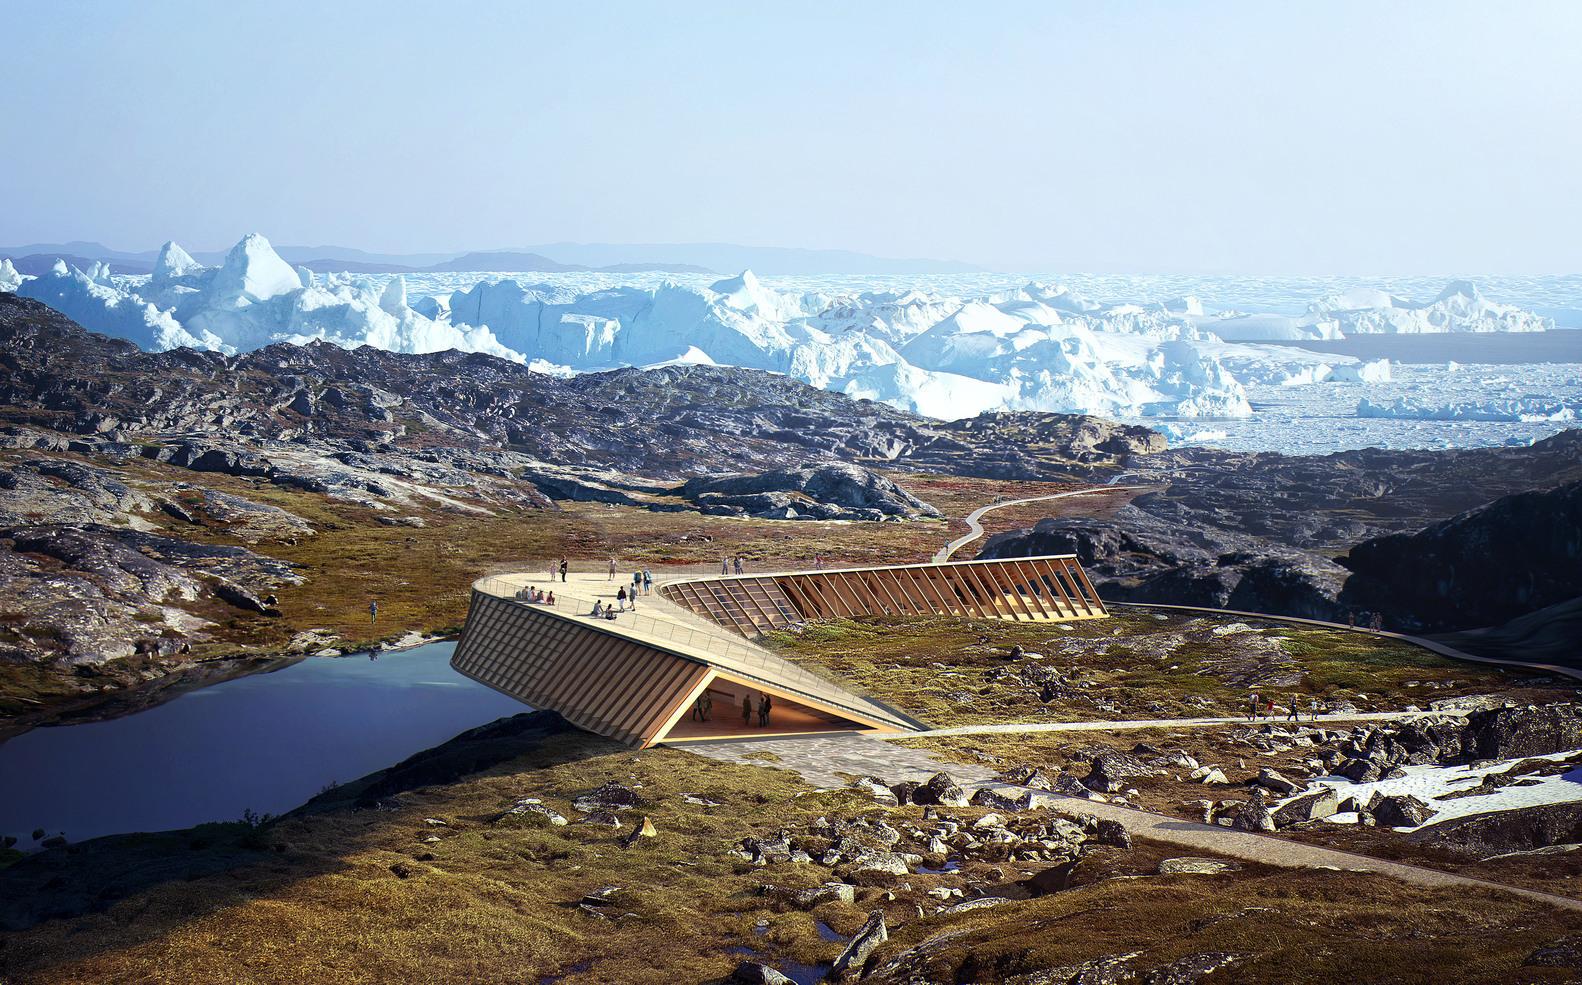 Arquitectura y Naturaleza: Un marco para la construcción en el paisaje,Representación del Centro de visitantes de Icejford por Dorte Mandrup Architects. Imagen © MIR